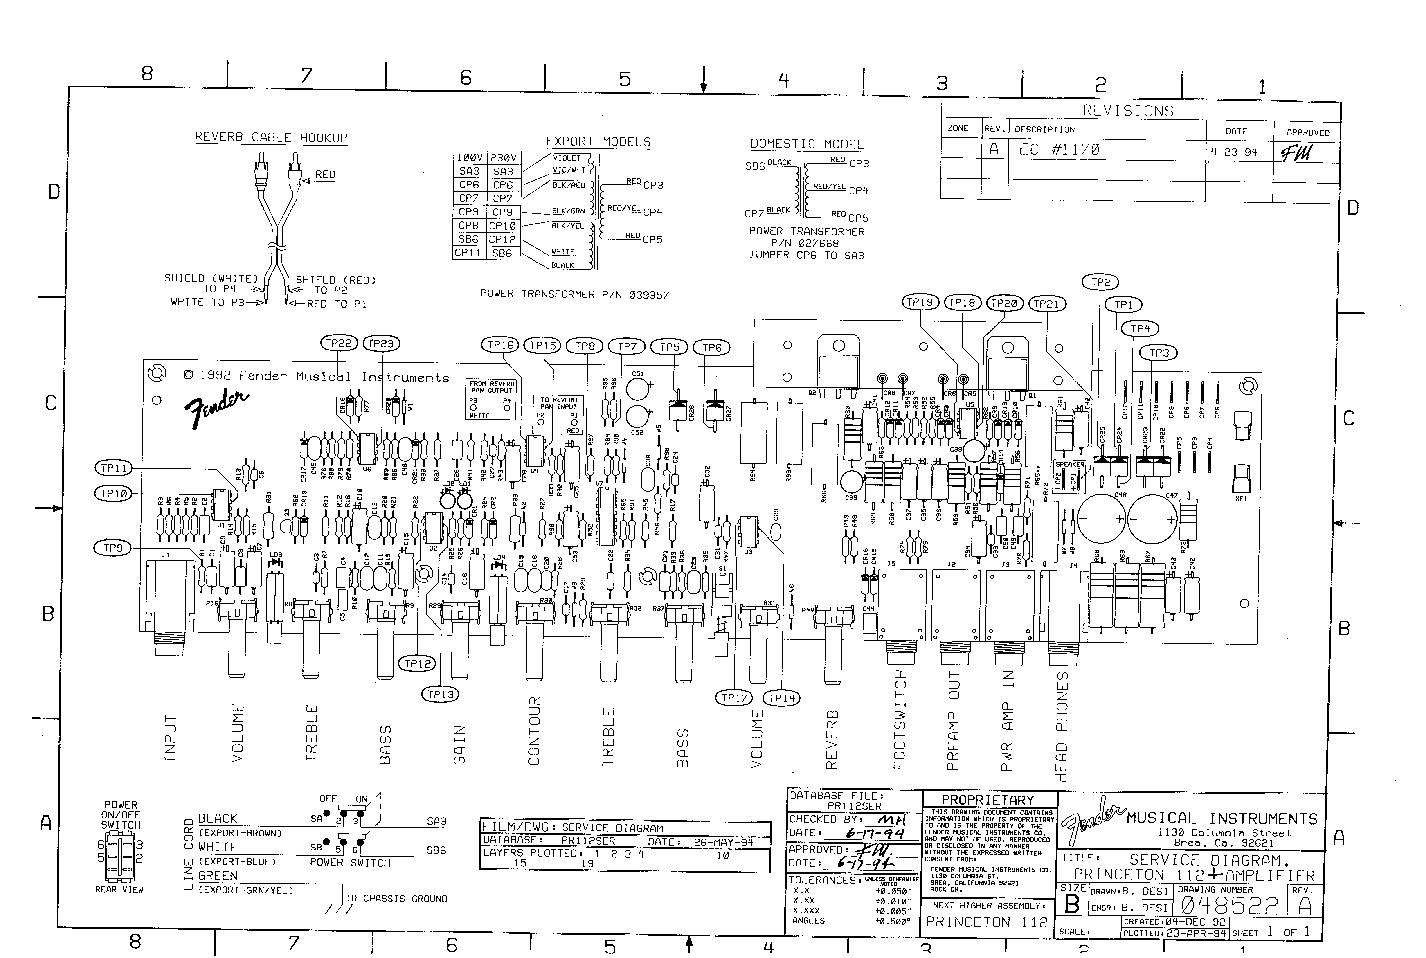 FENDER PRINCETON-112-PLUS SCH Service Manual download, schematics